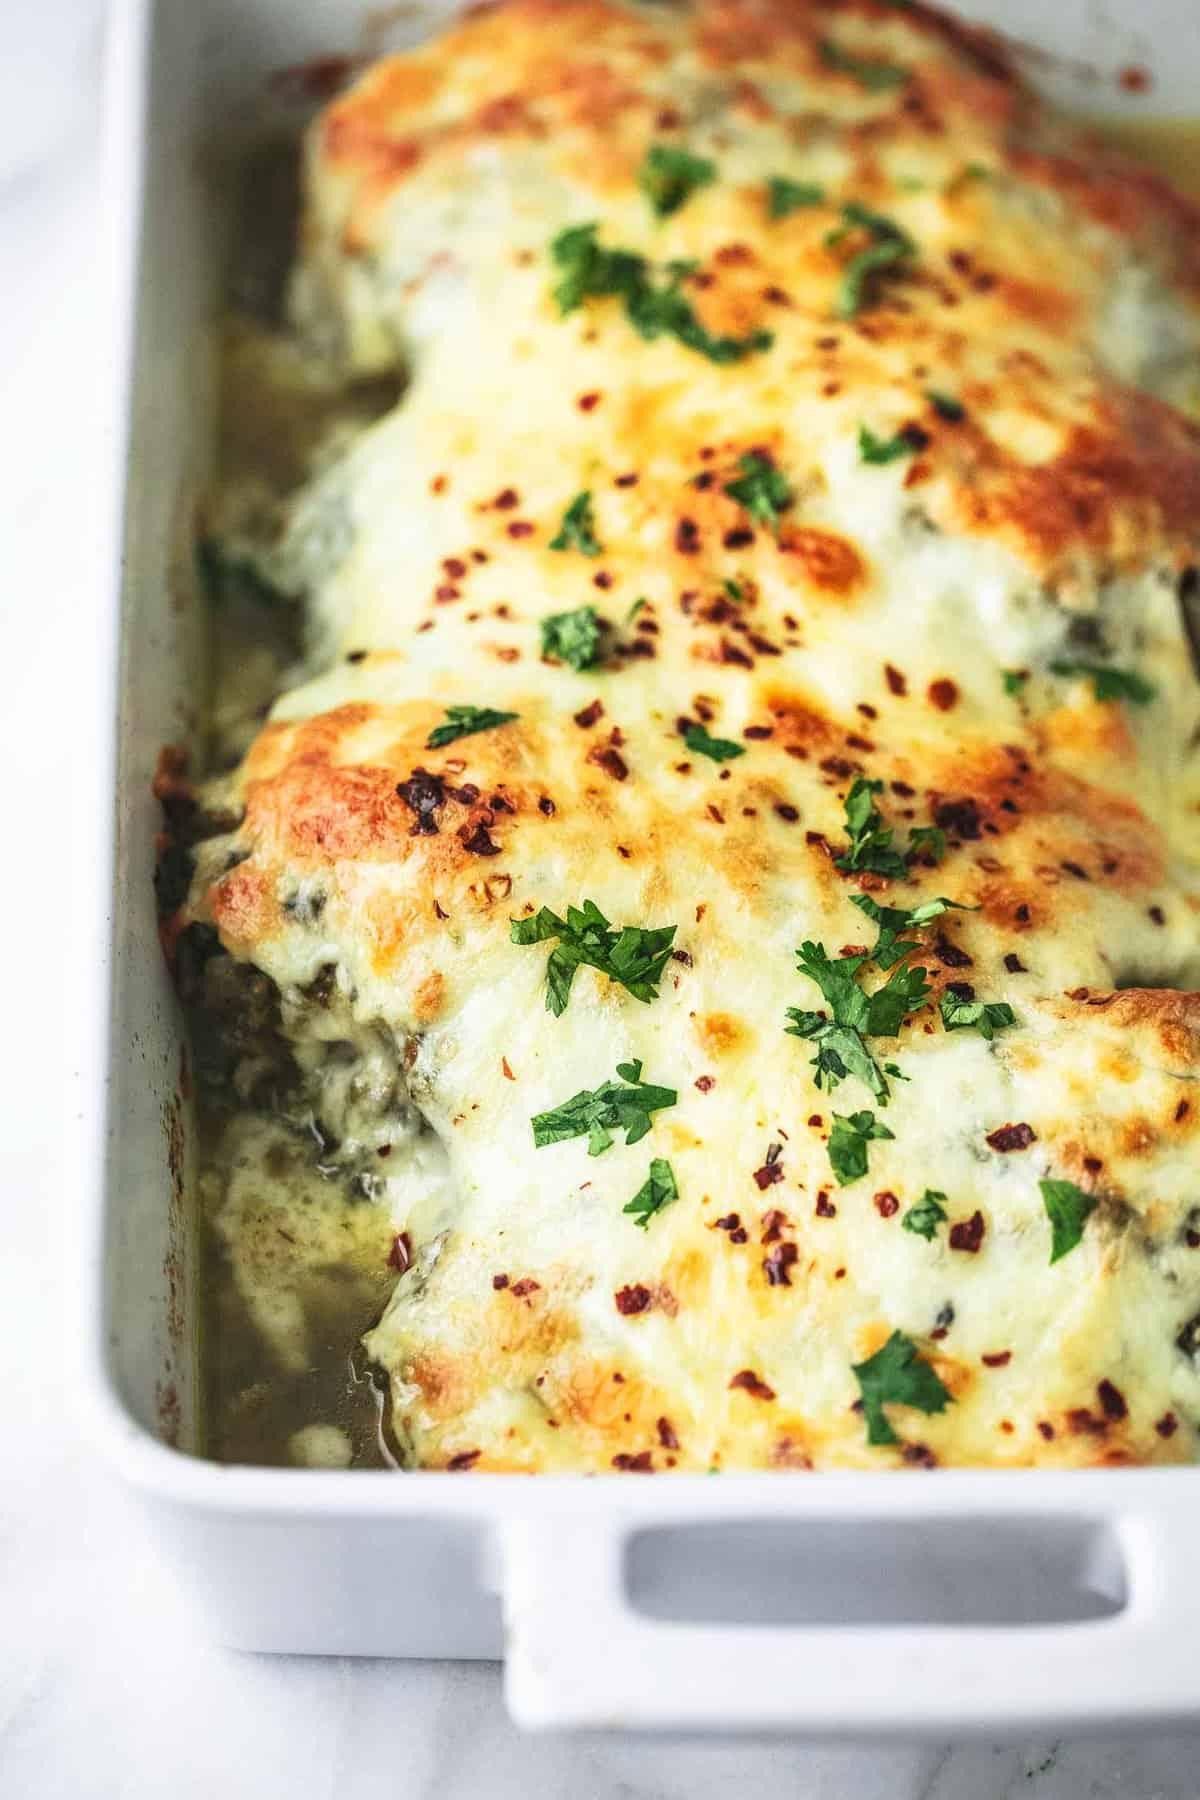 Einfach gebackenes Salsa Verde Huhn einfaches Abendessen Rezept | lecremedelacrumb.com